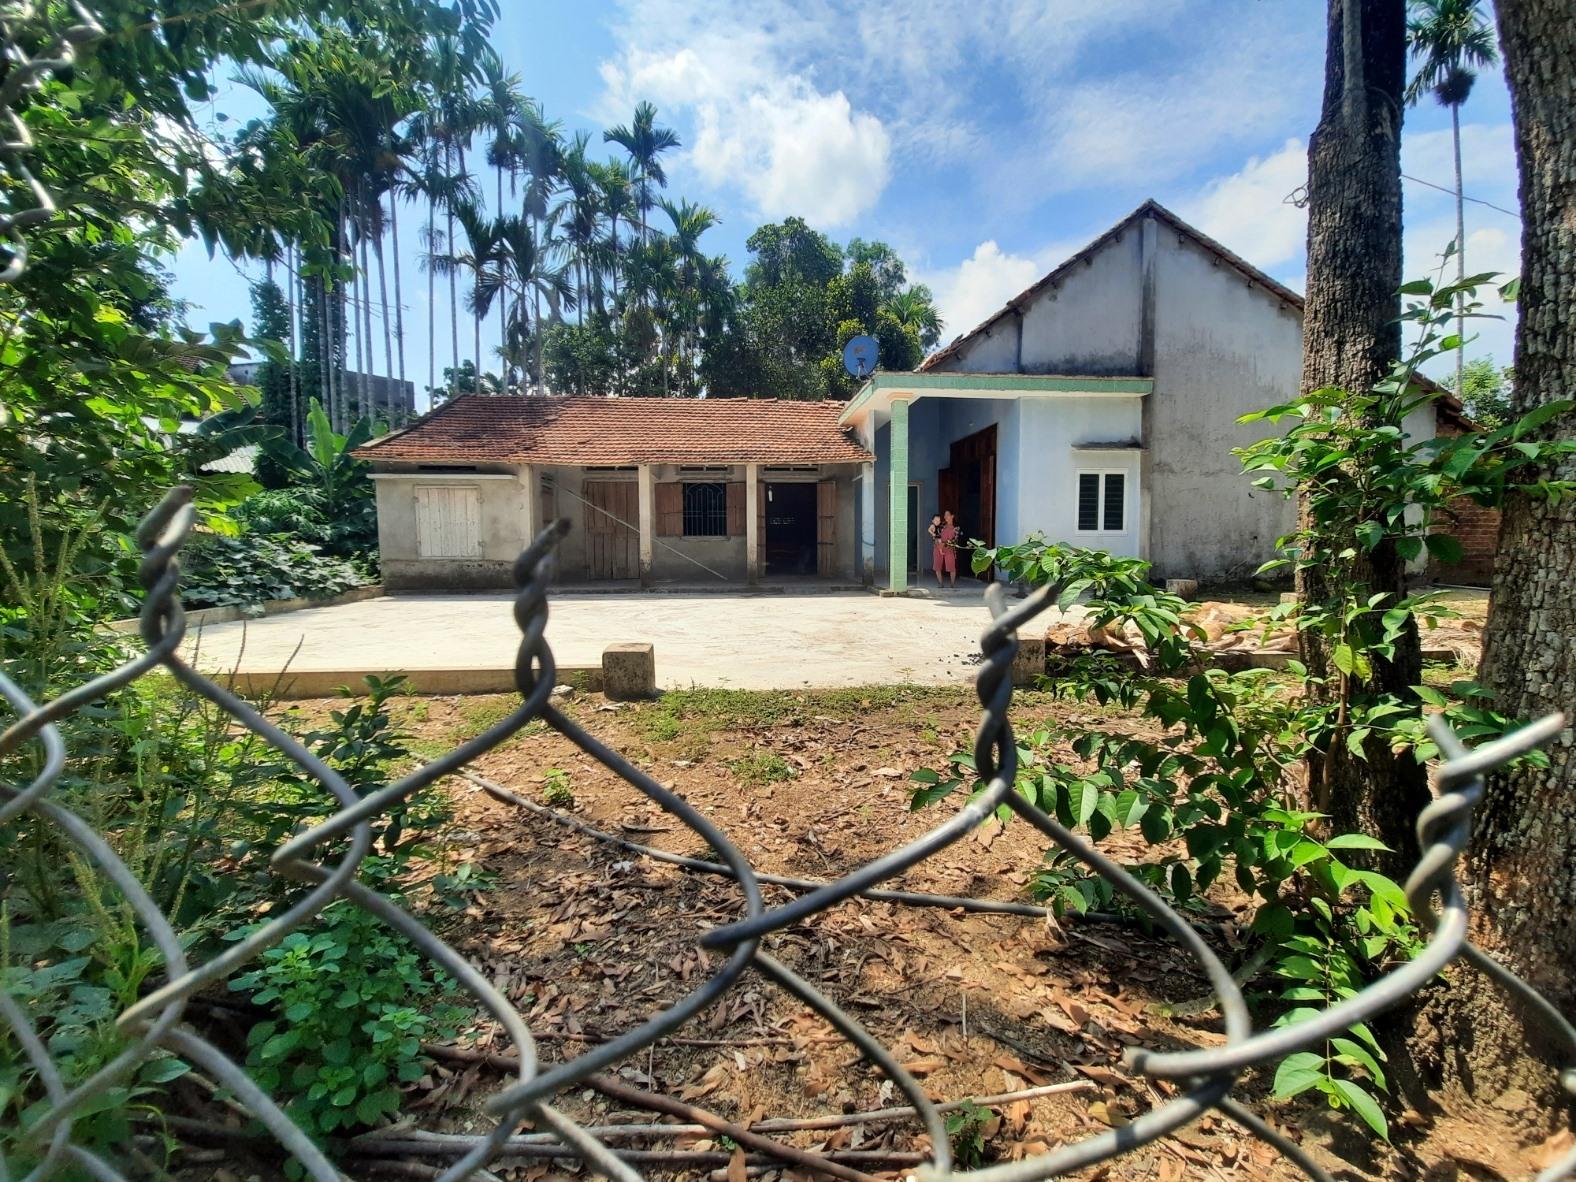 Hàng xóm làm hàng rào khiến căn nhà bà Nguyễn Thị Thới bị phong tỏa không còn đường đi lại. Ảnh: Đ.L